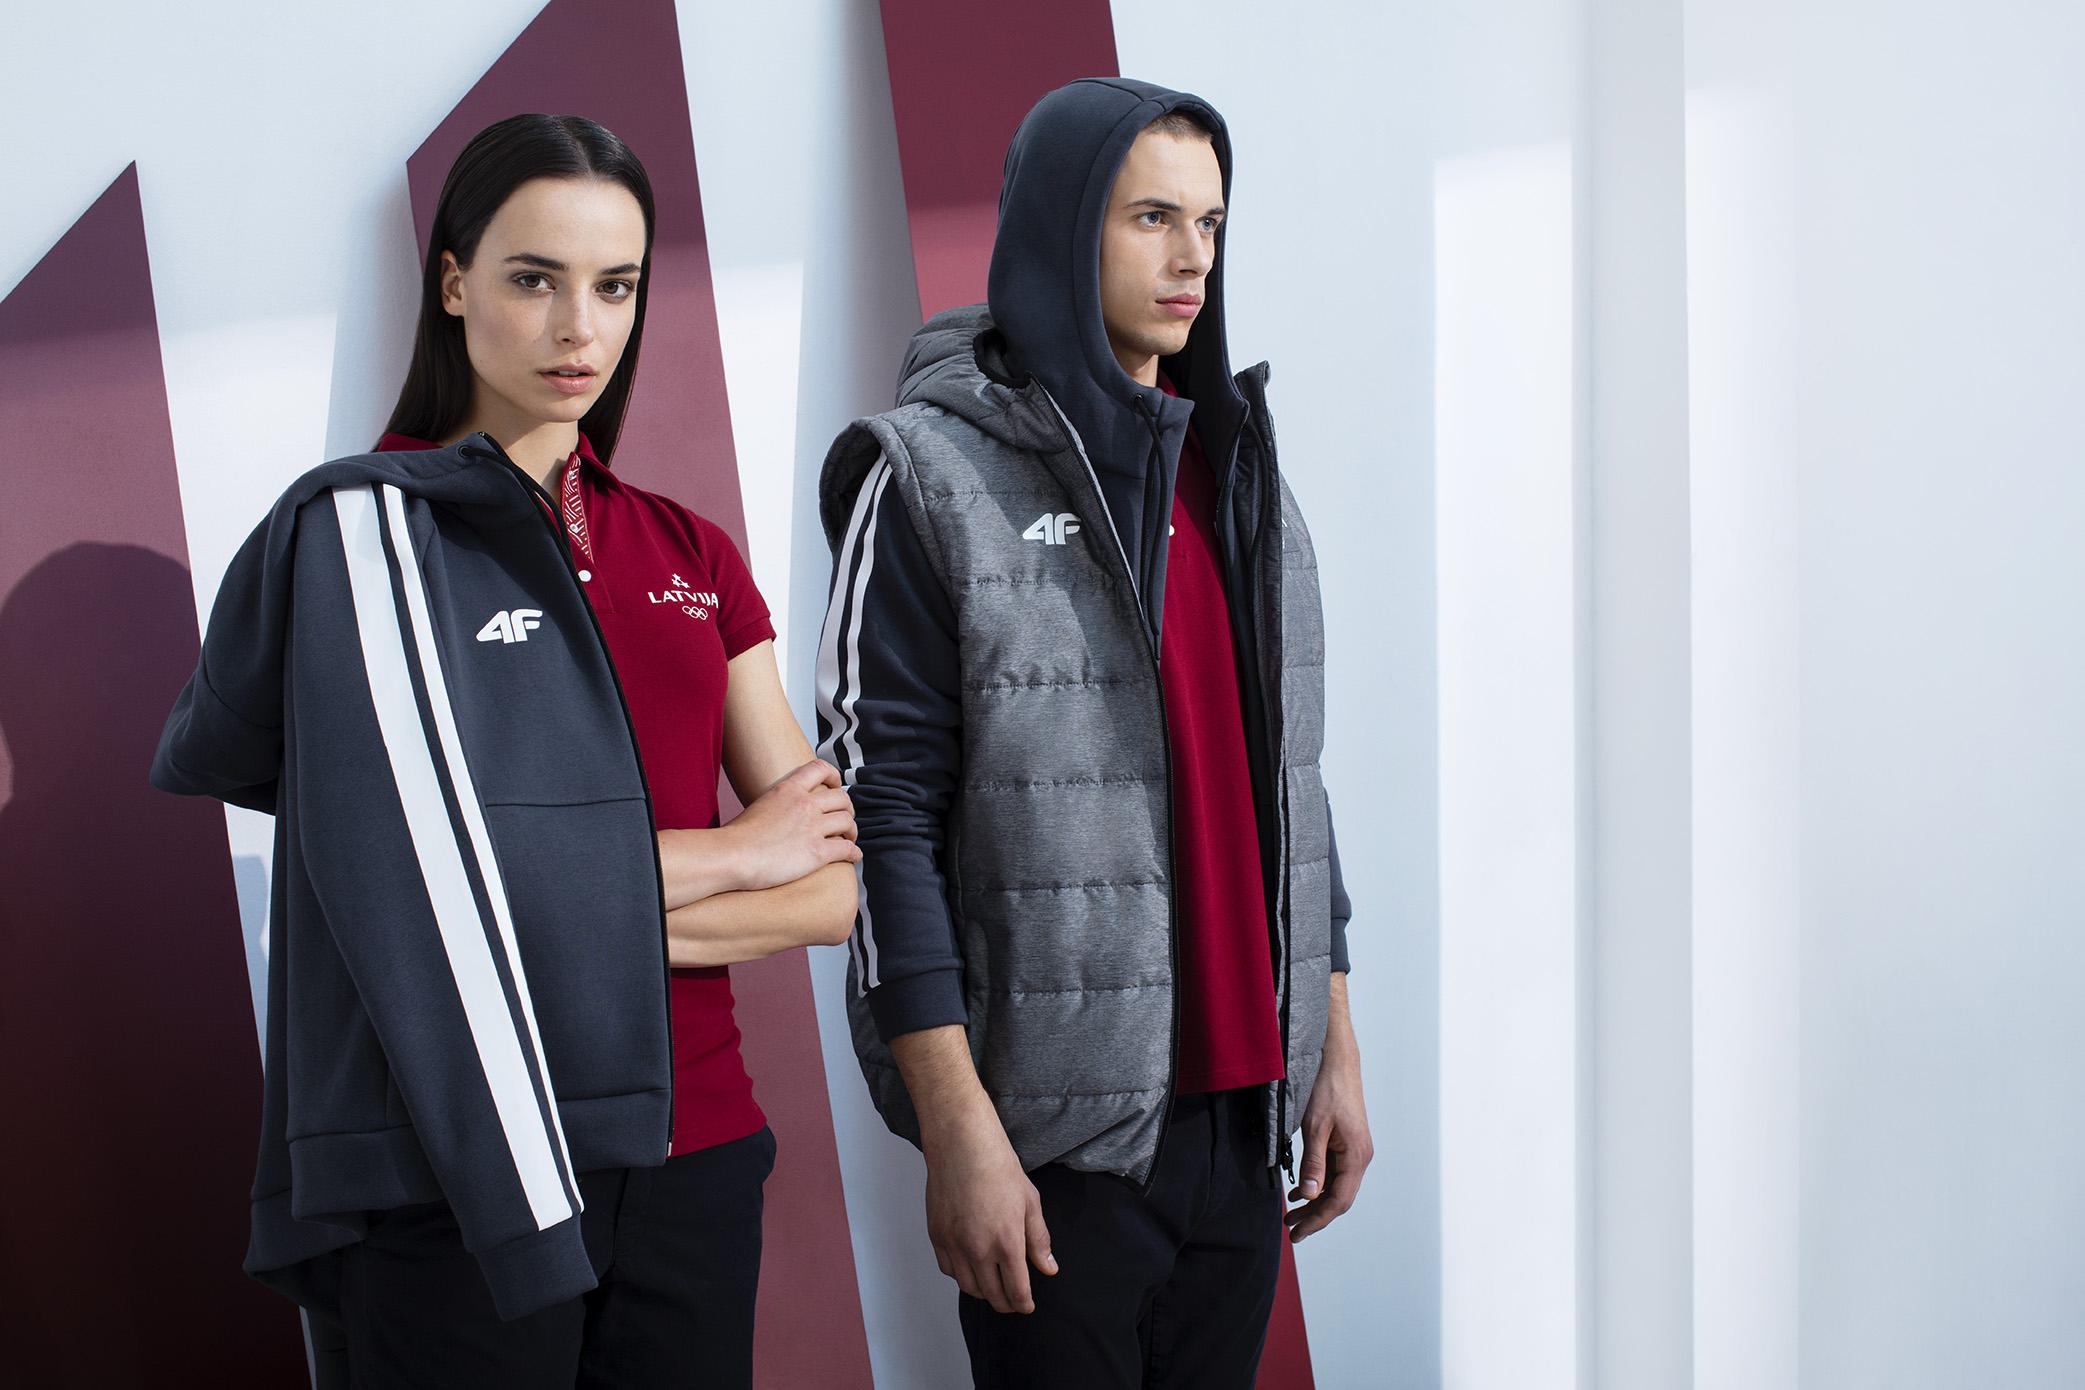 Premiera kolekcji 4F dla Łotewskiej Reprezentacji Olimpijskiej – PyeongChang 2018